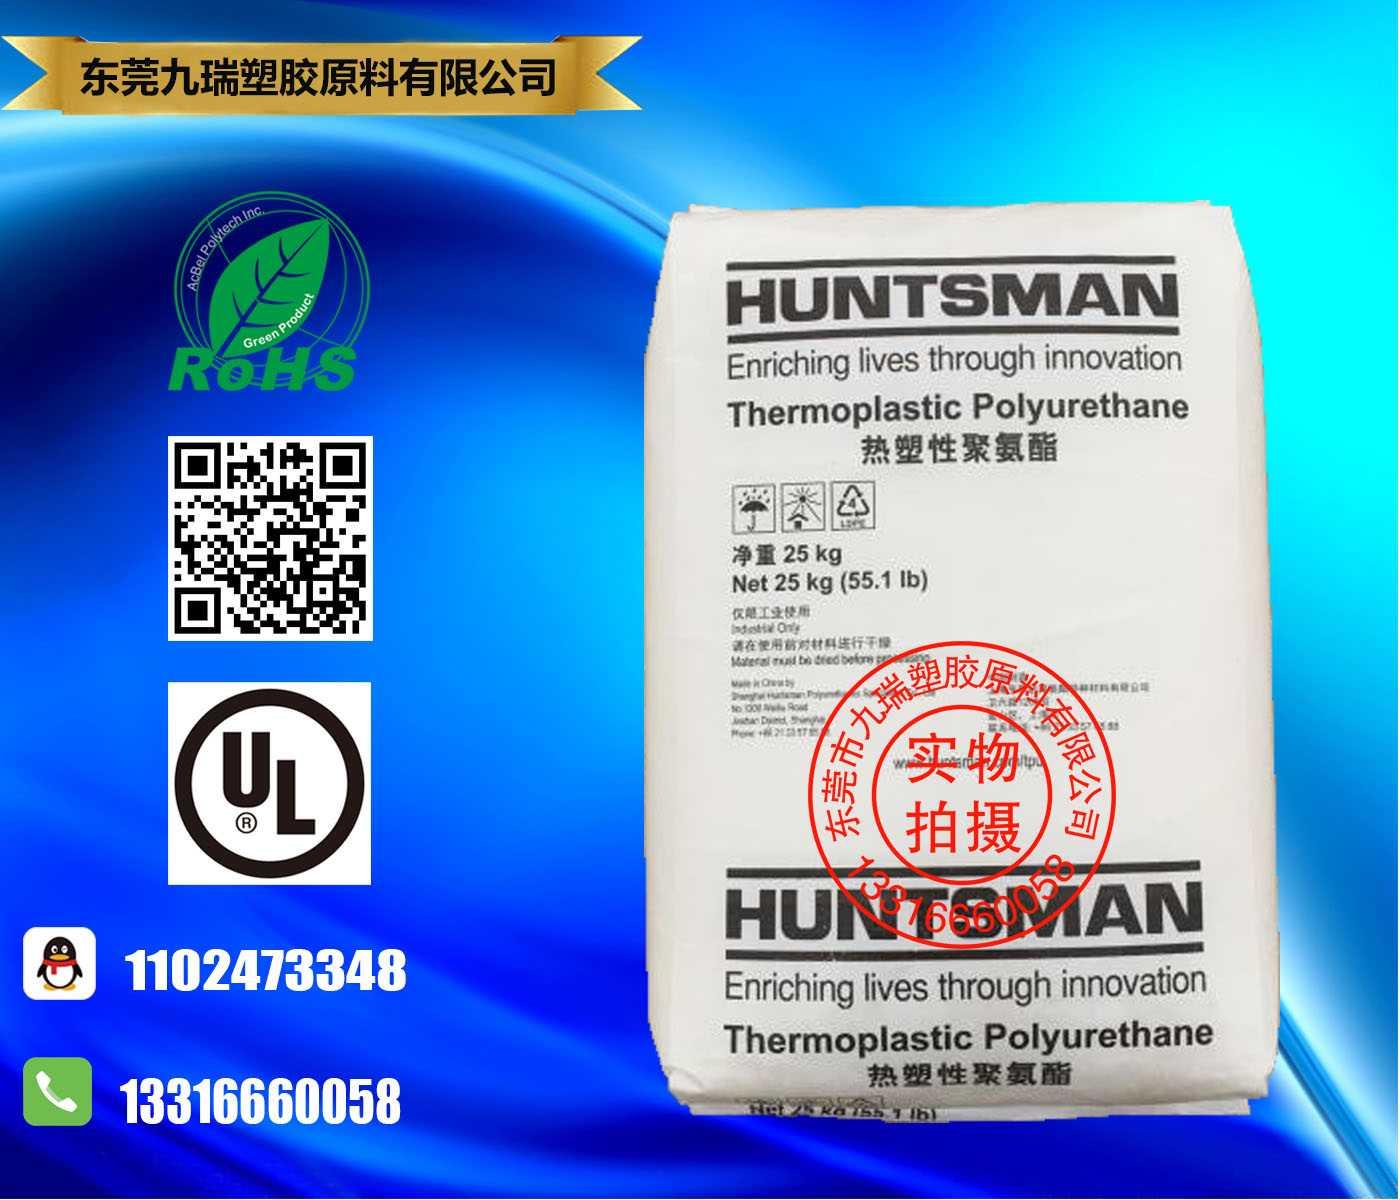 亨斯迈TPU IROSTIC S7730-19汽车胶粘剂专用聚氨酯